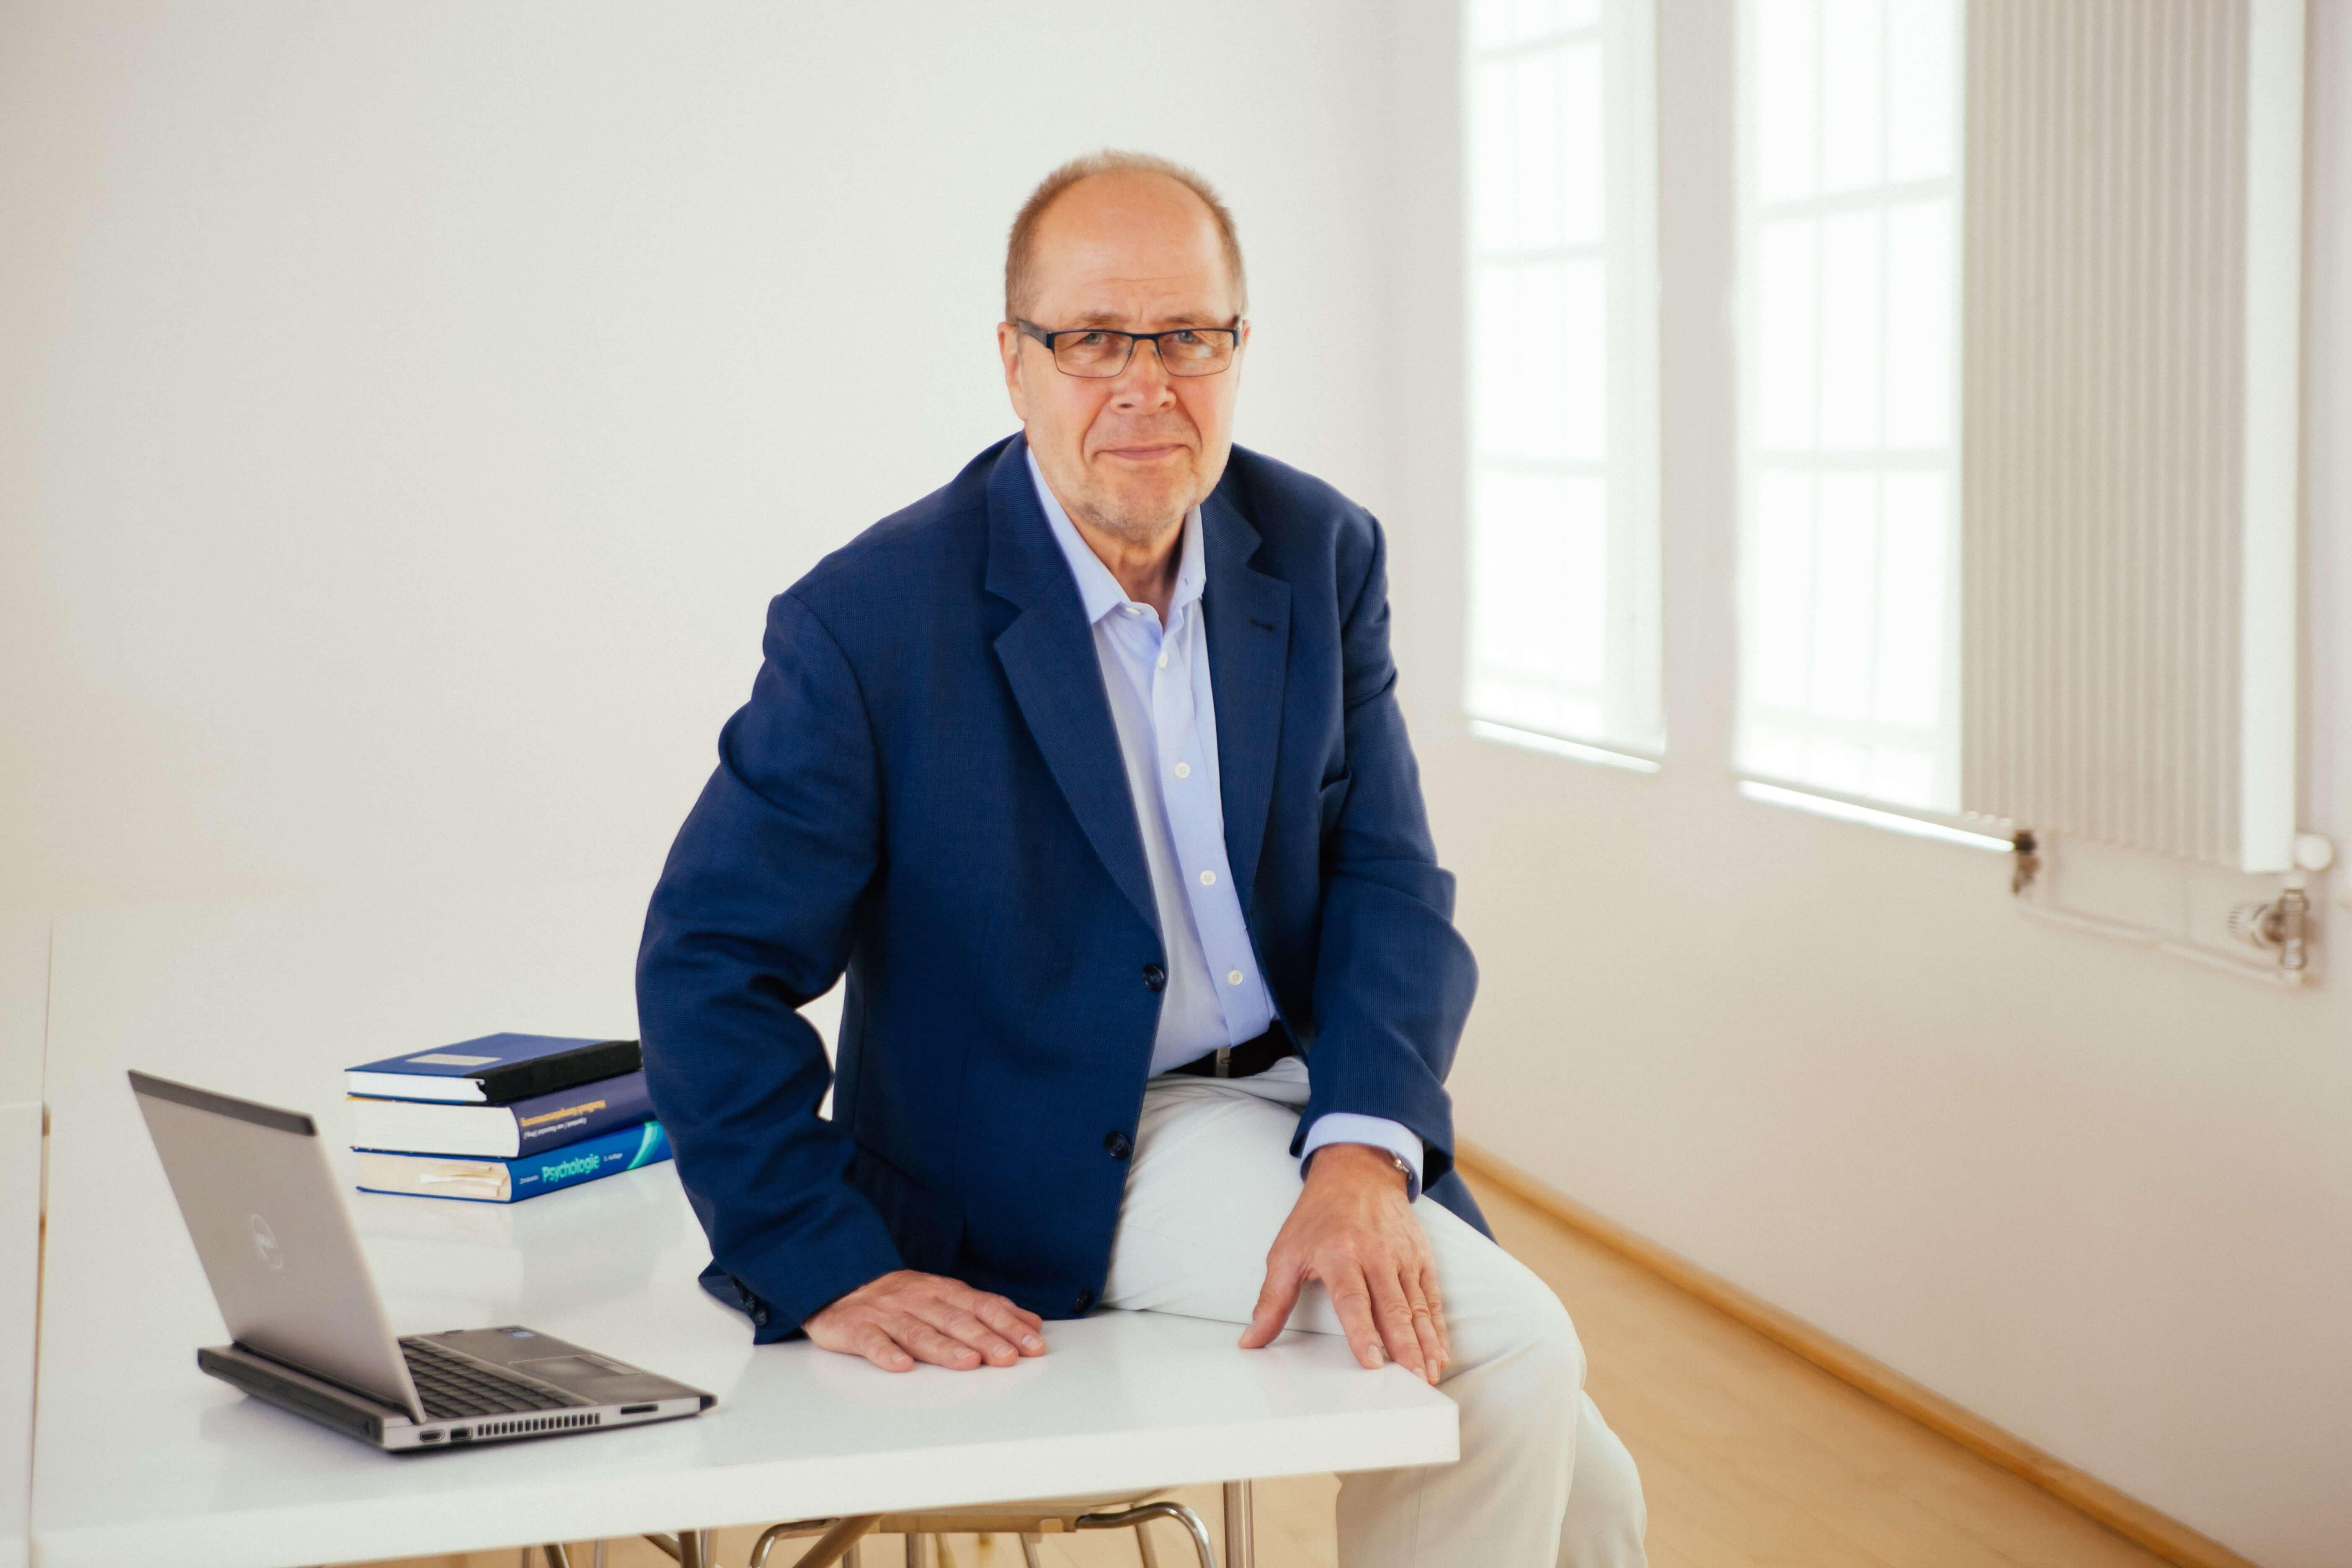 Personalberatung vertrieb - Wolfgang Wagener